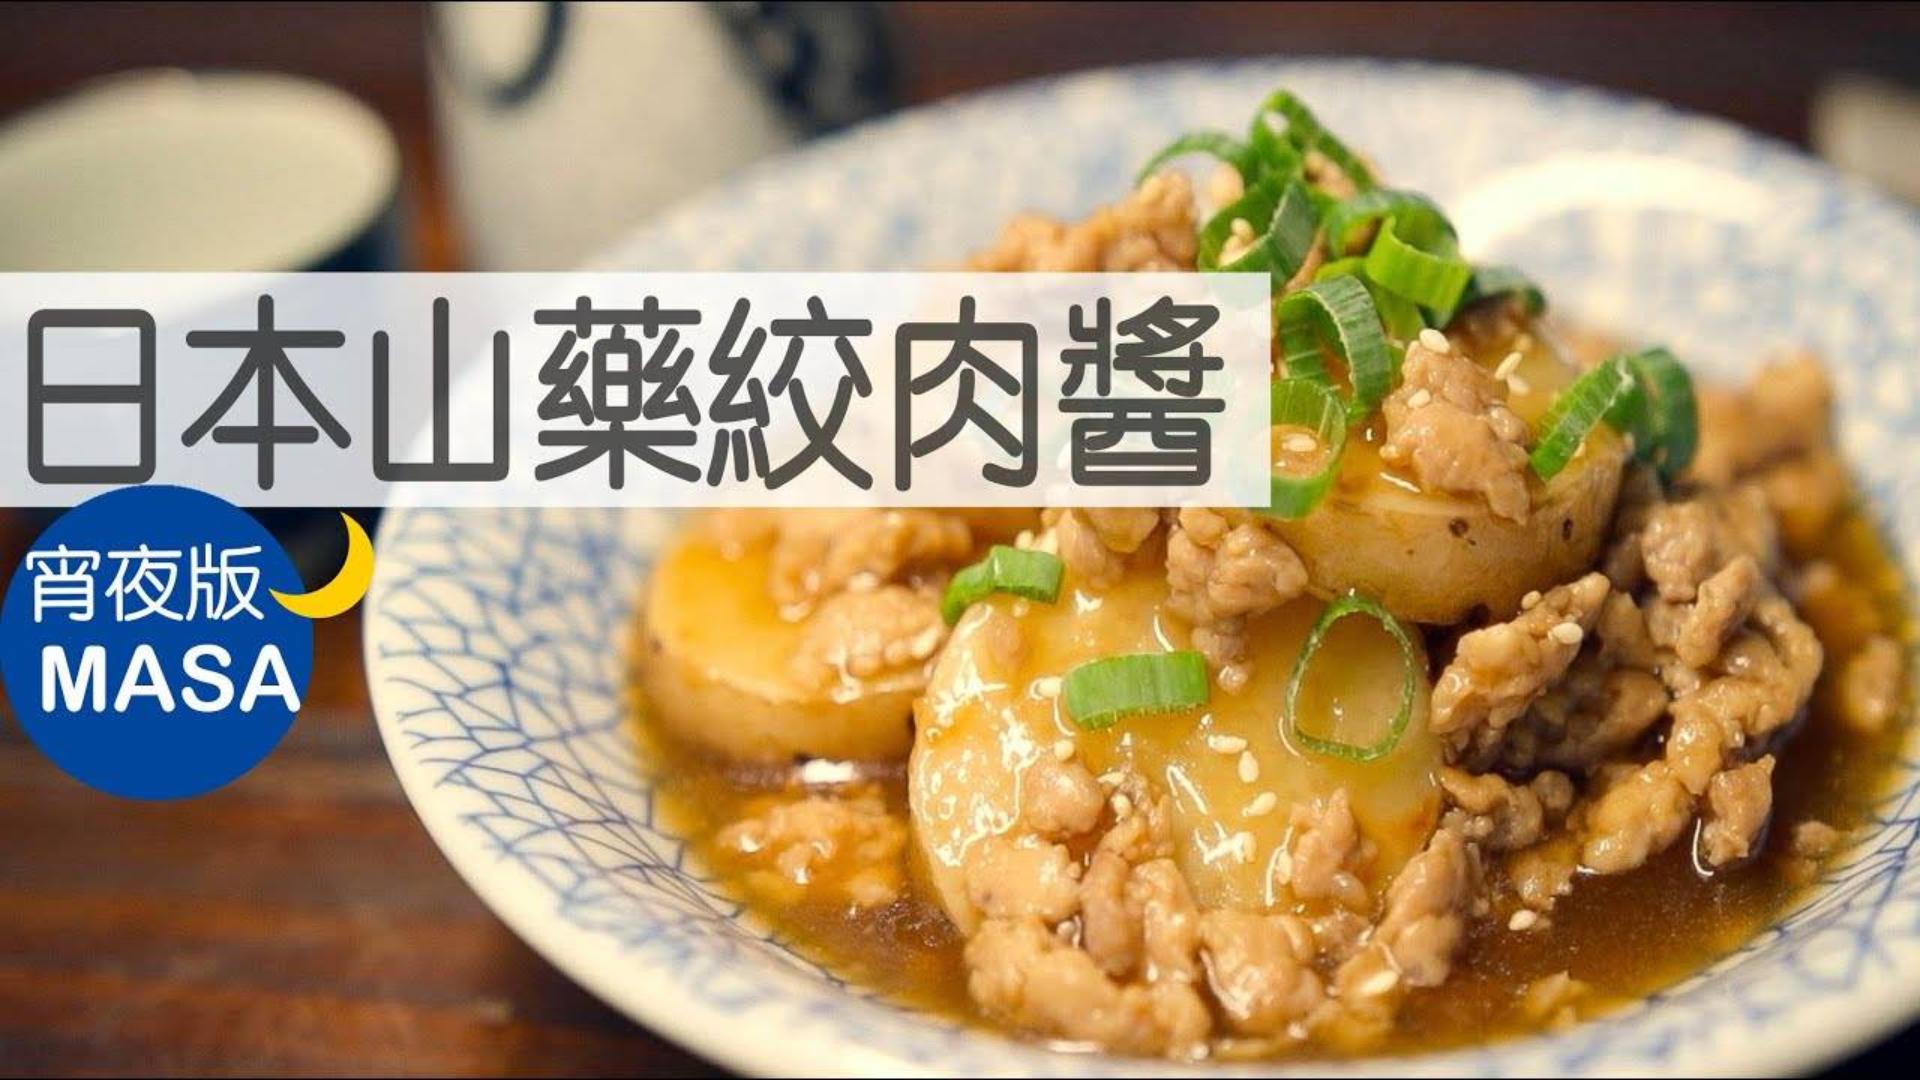 香煎山药绞肉酱【MASAの料理ABC】